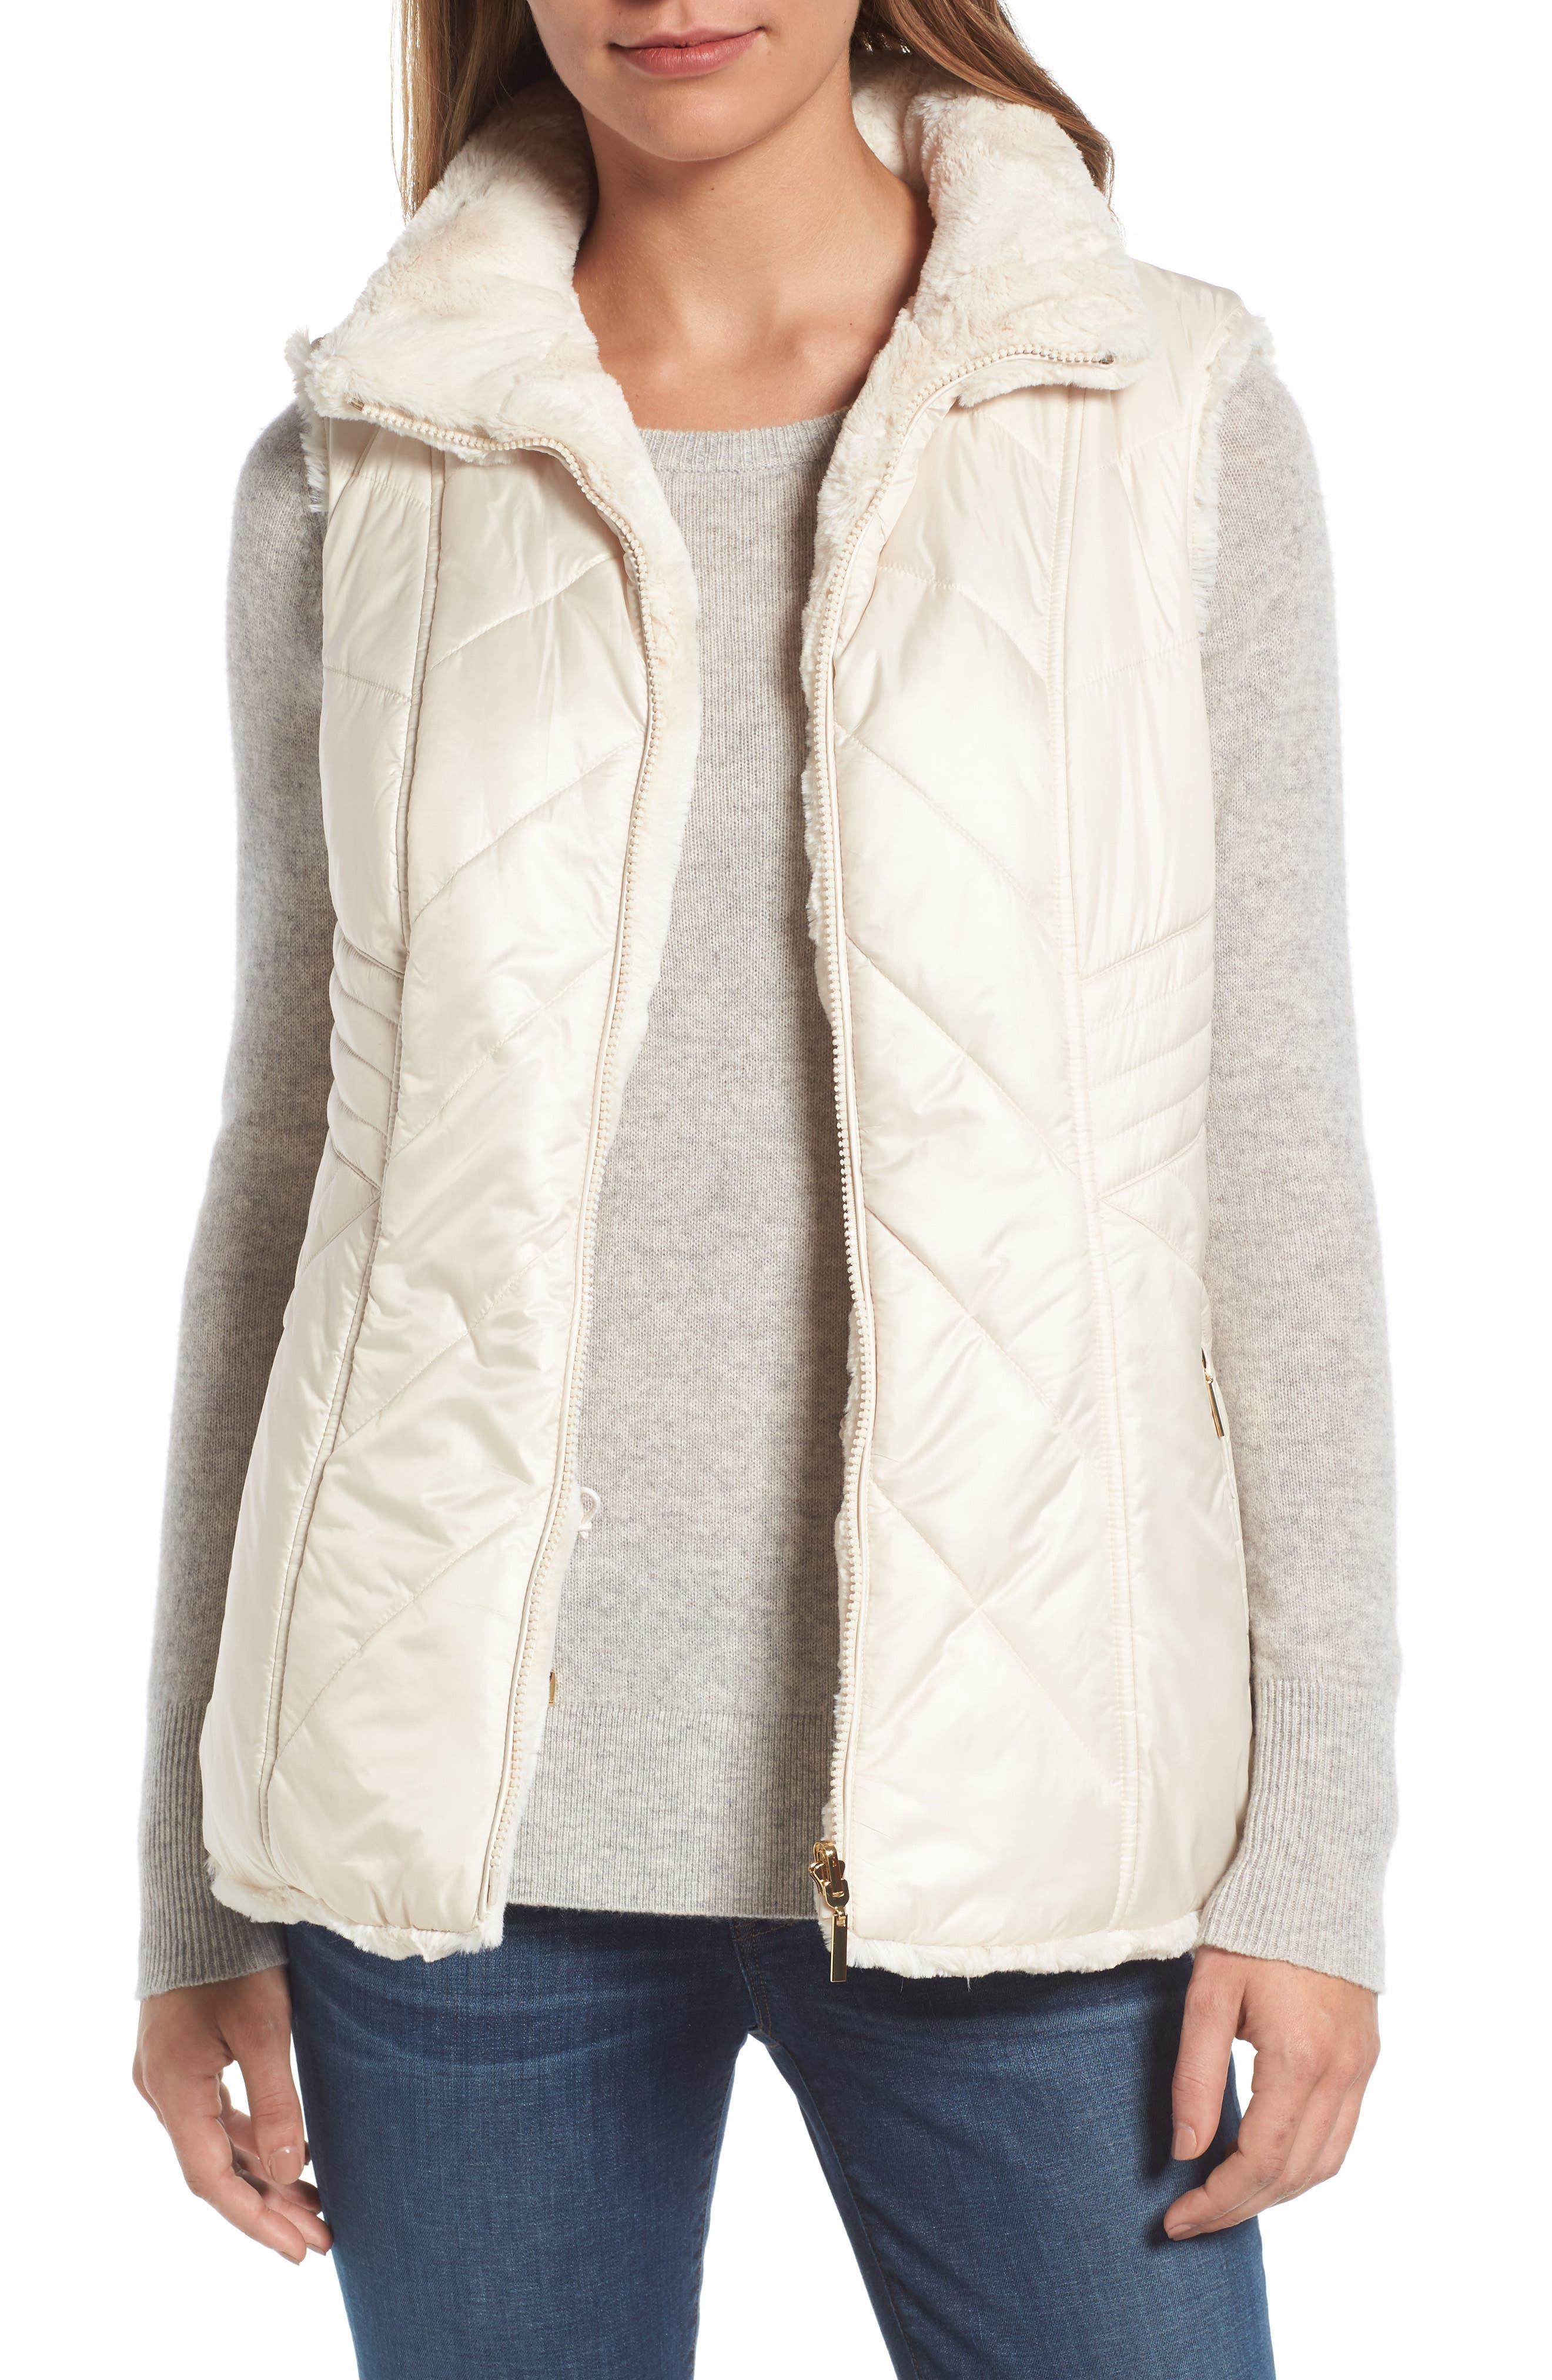 Main Image - Gallery Reversible Faux Fur Vest